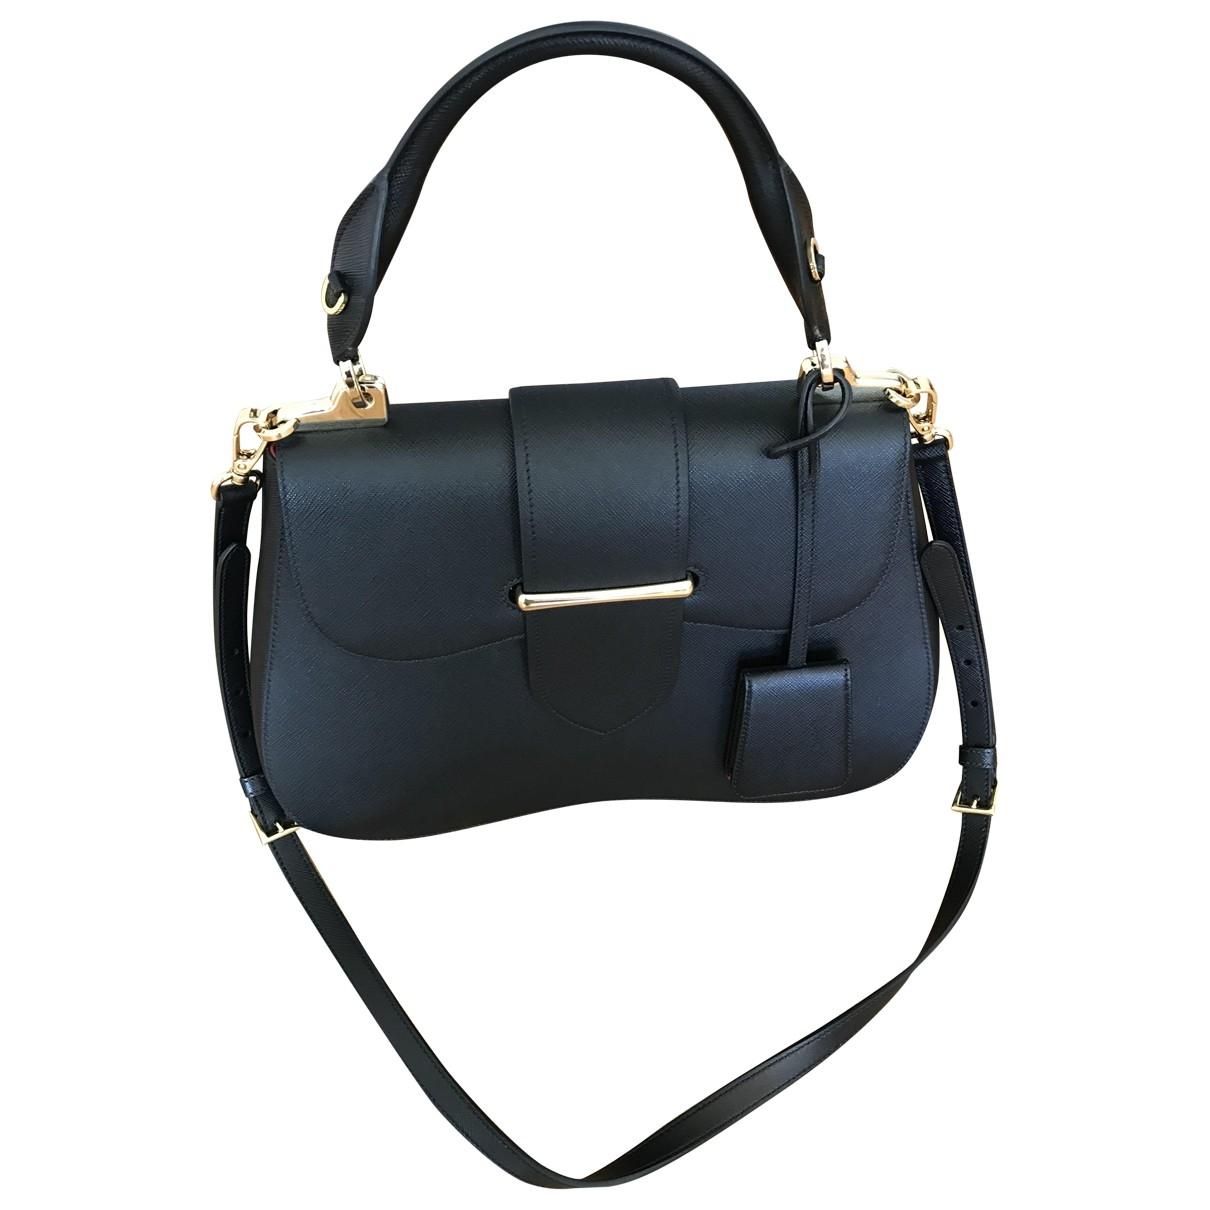 Prada Sidonie Handtasche in  Schwarz Leder